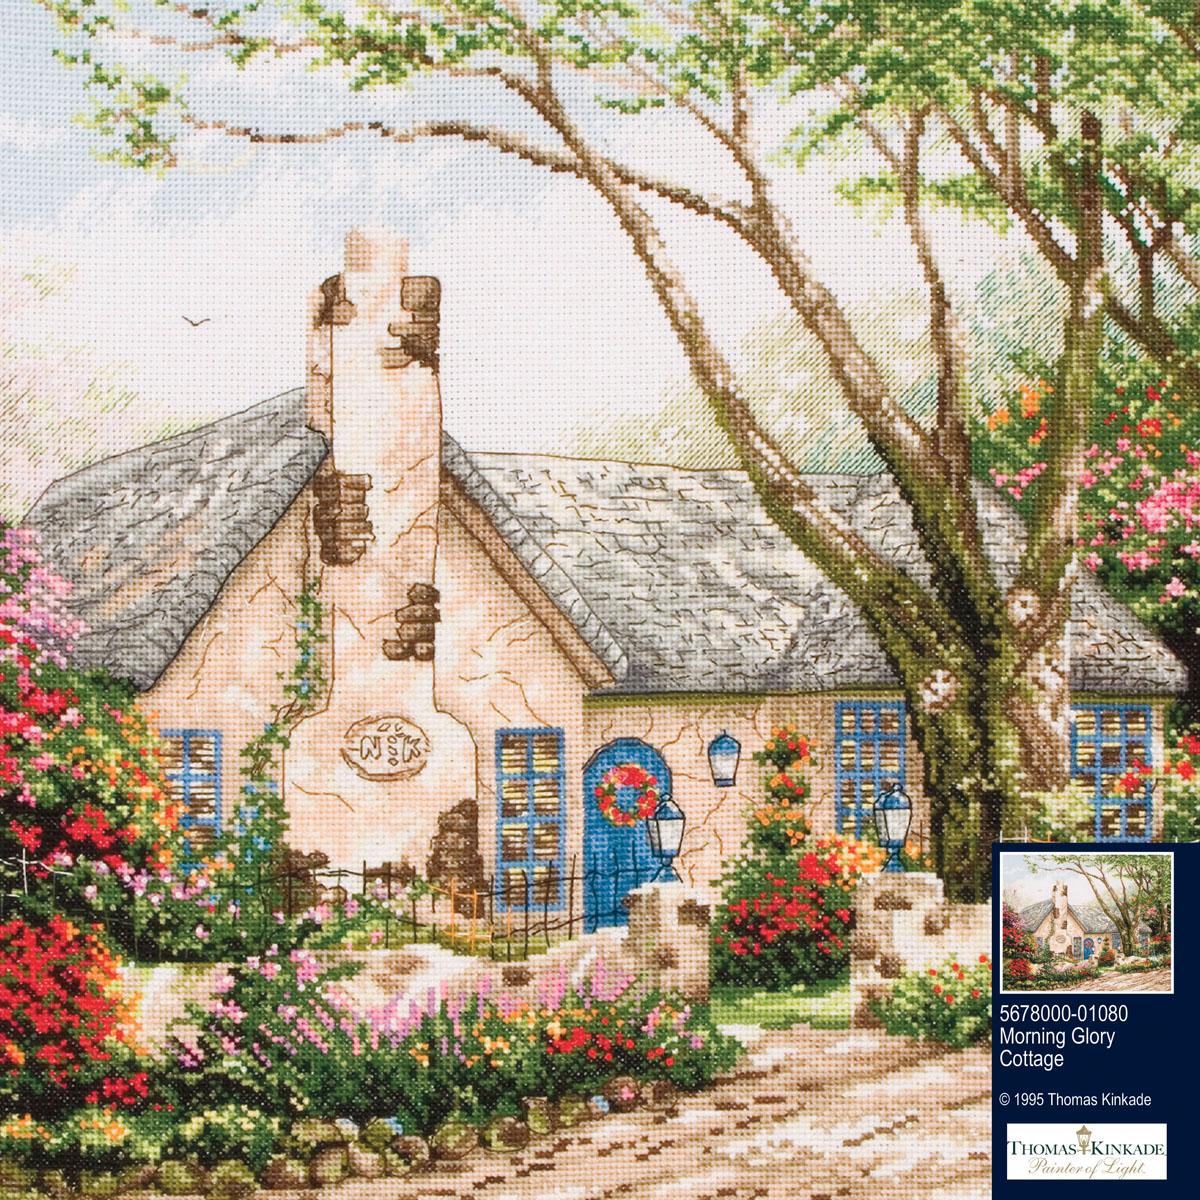 Набор для вышивания крестом Дом утреннего света, 27 х 34 см набор для вышивания крестом rto дом милый дом 34 х 27 см